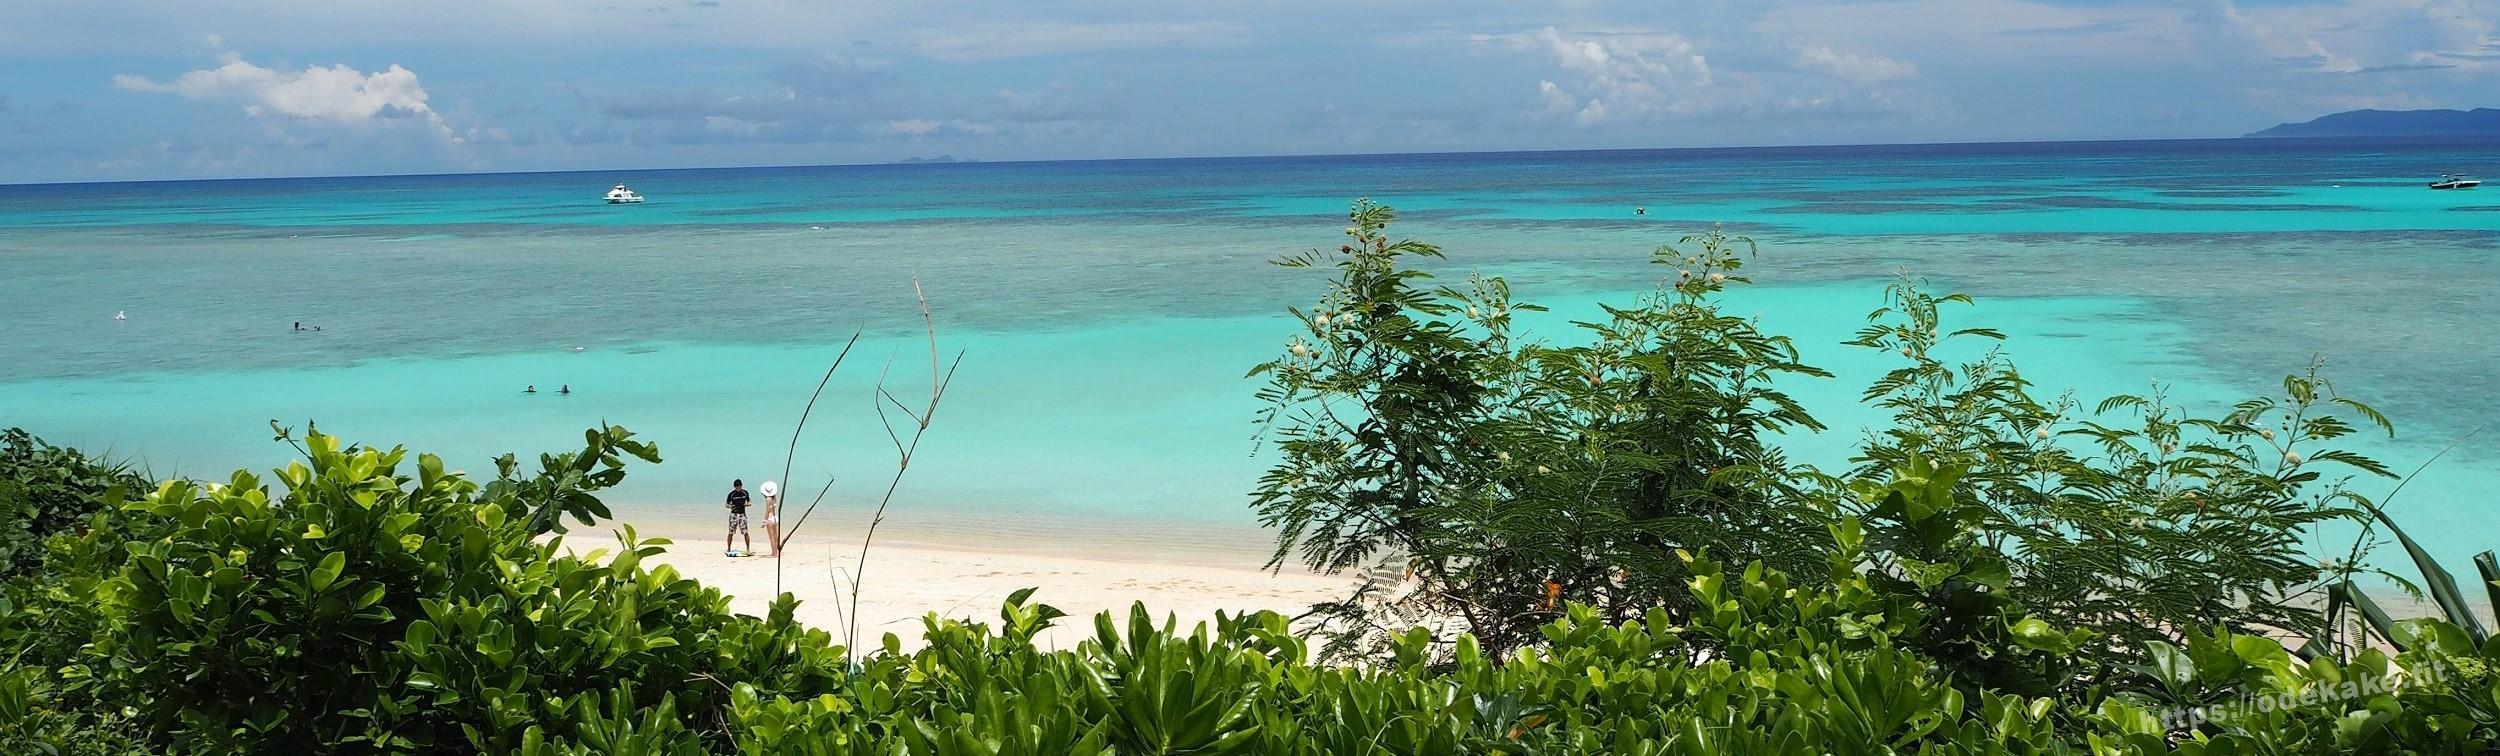 【波照間島3】ニシ浜の海に入ってみた♥ハテルマブルーのメインビーチ